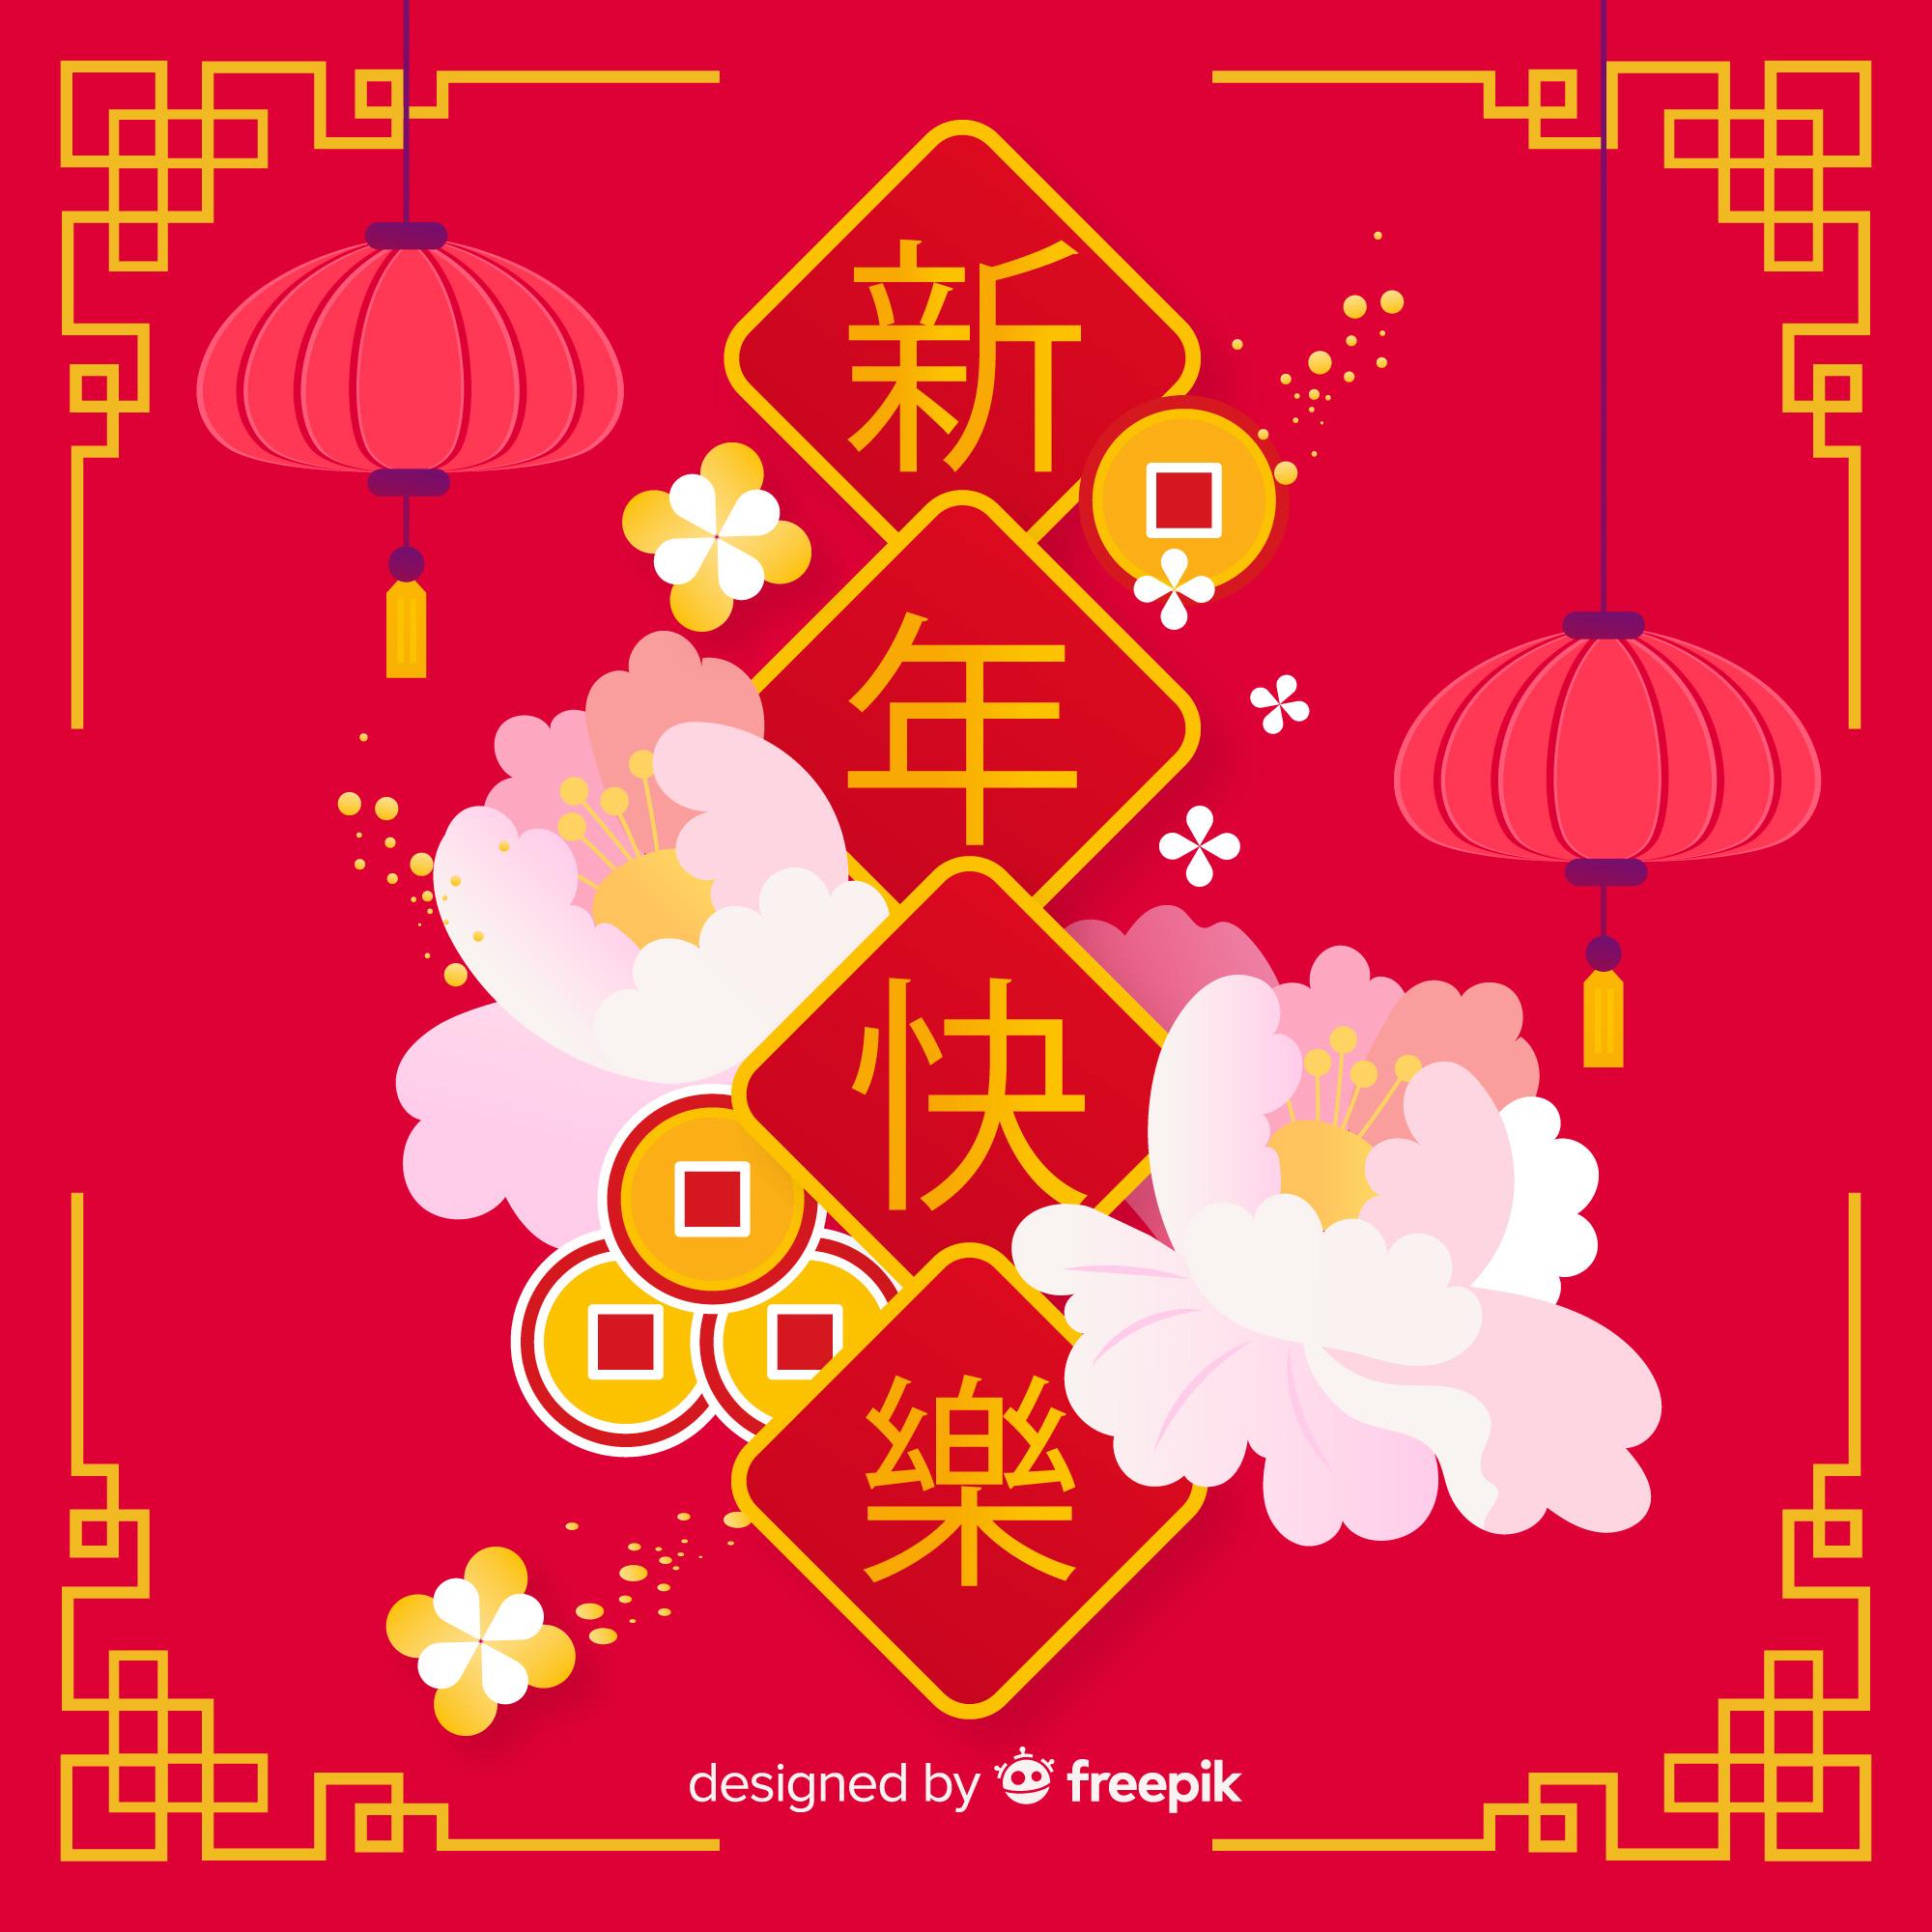 猪年(己亥年)矢量创意图形矢量素材模板 Pig Year (Hai Haiian) Vector Creative Graphic Vector Material Template [EPS]插图(3)